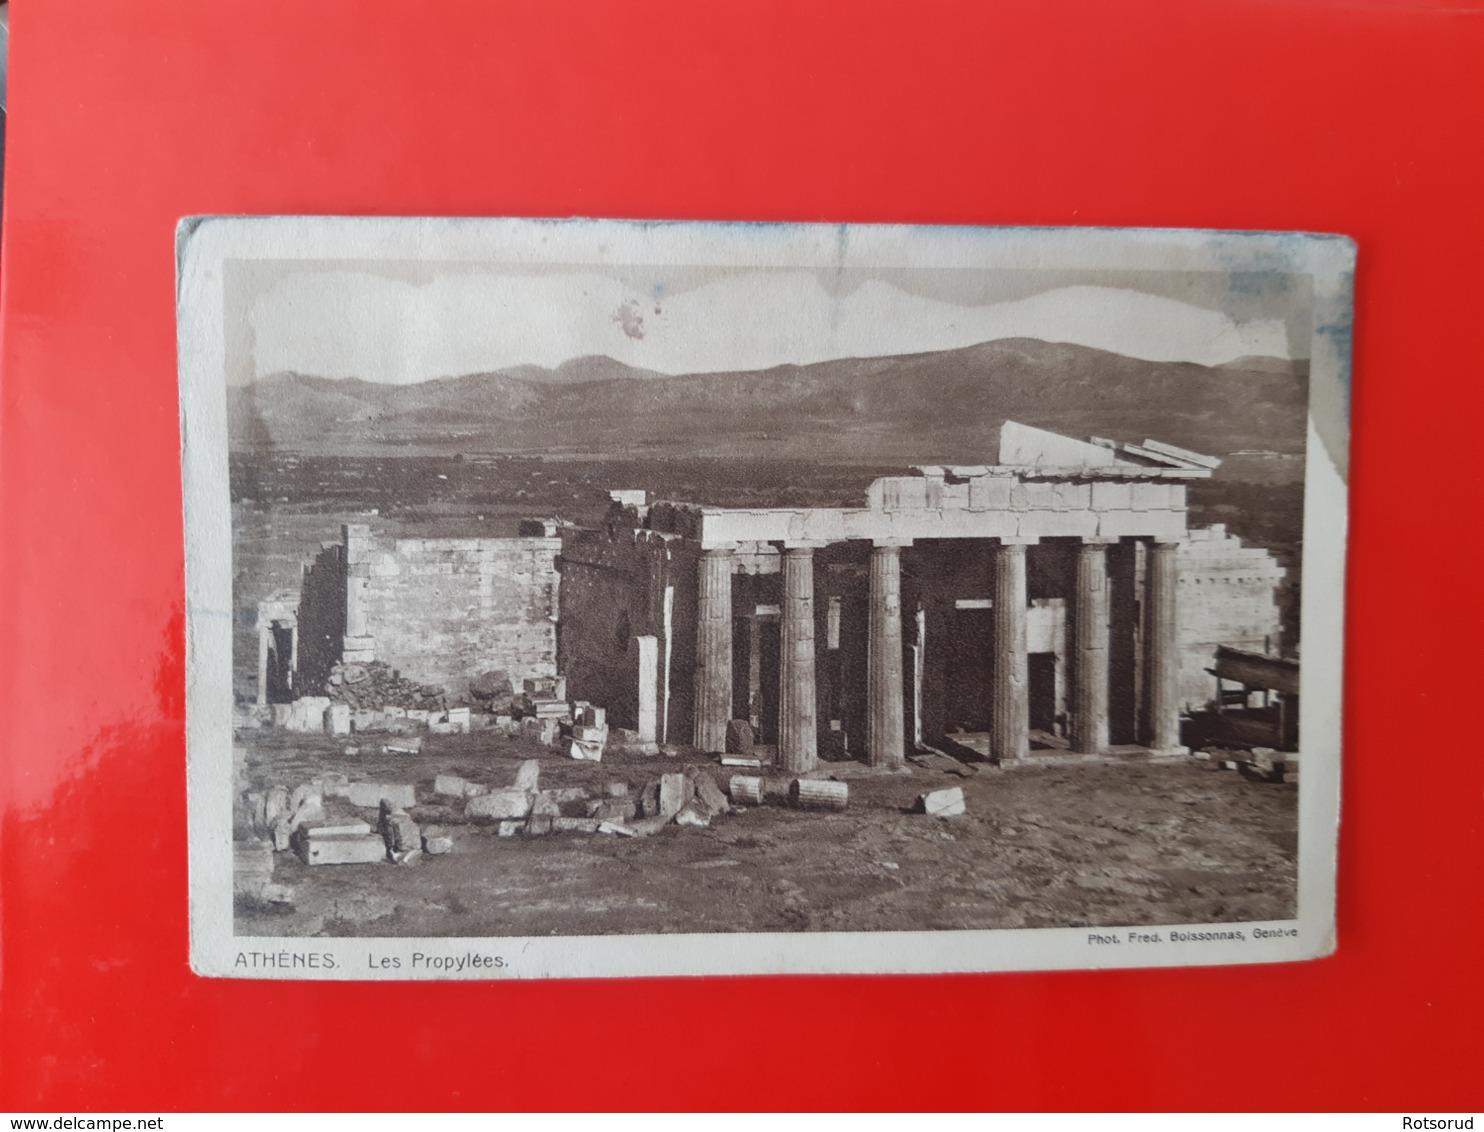 Athenes - Les Propylees - Grecia